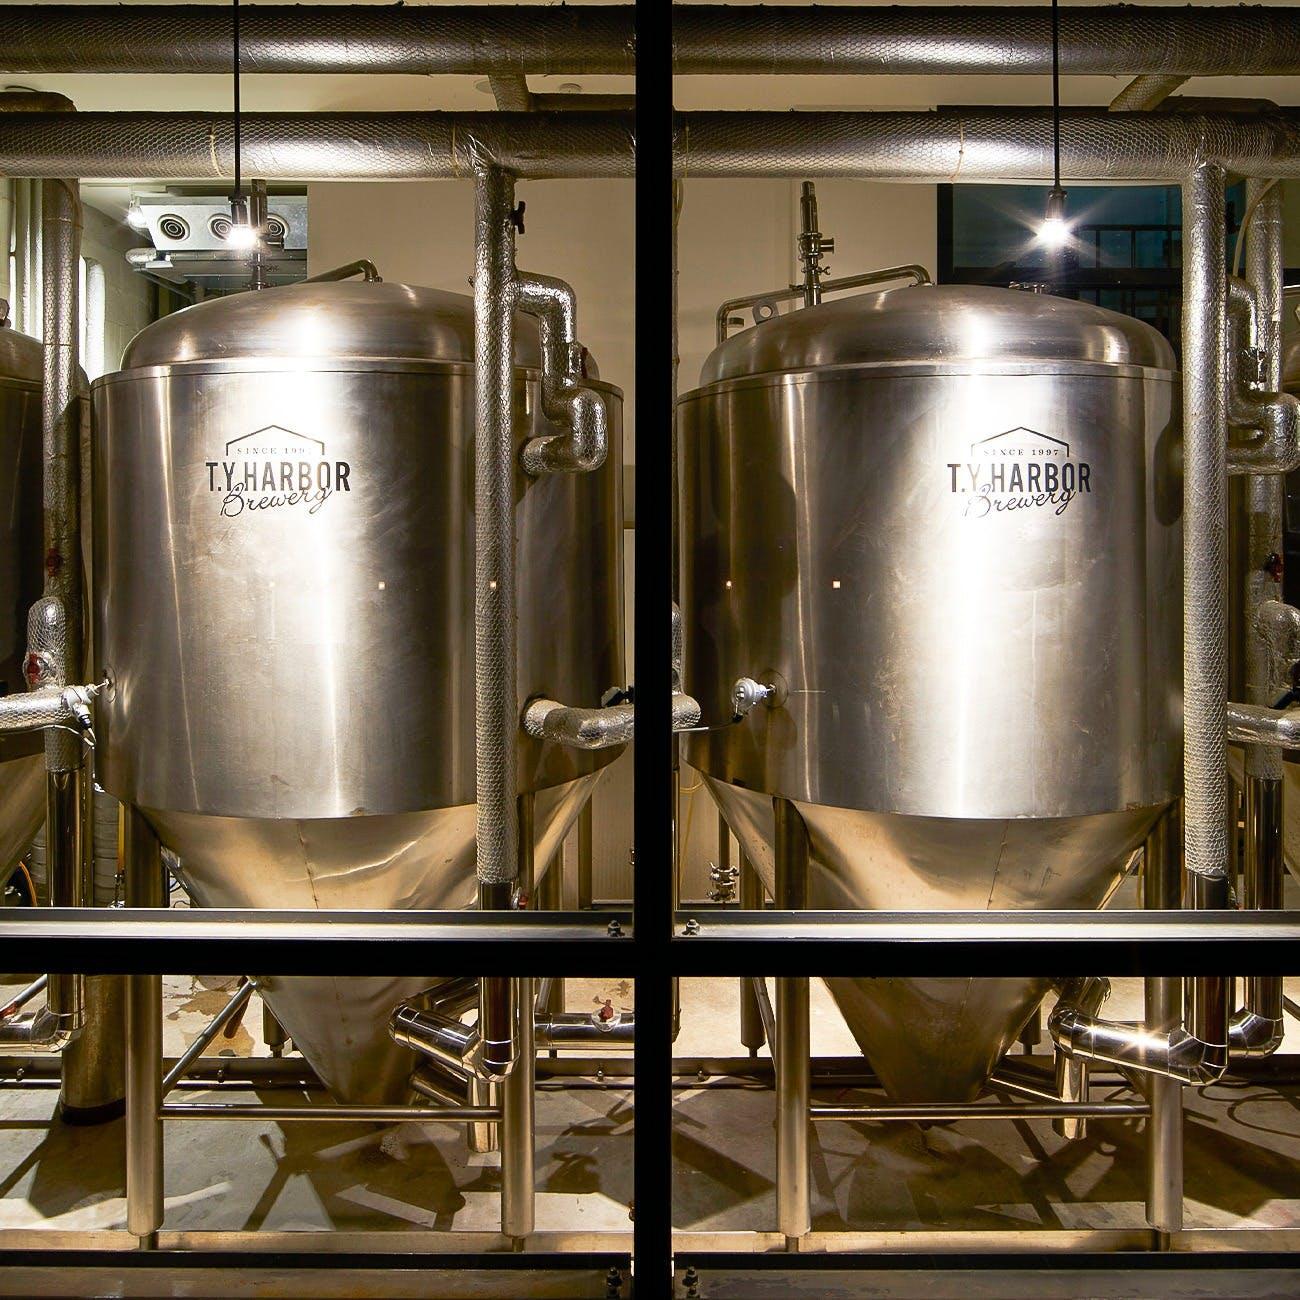 併設の醸造所で作るTY自慢のクラフトビール